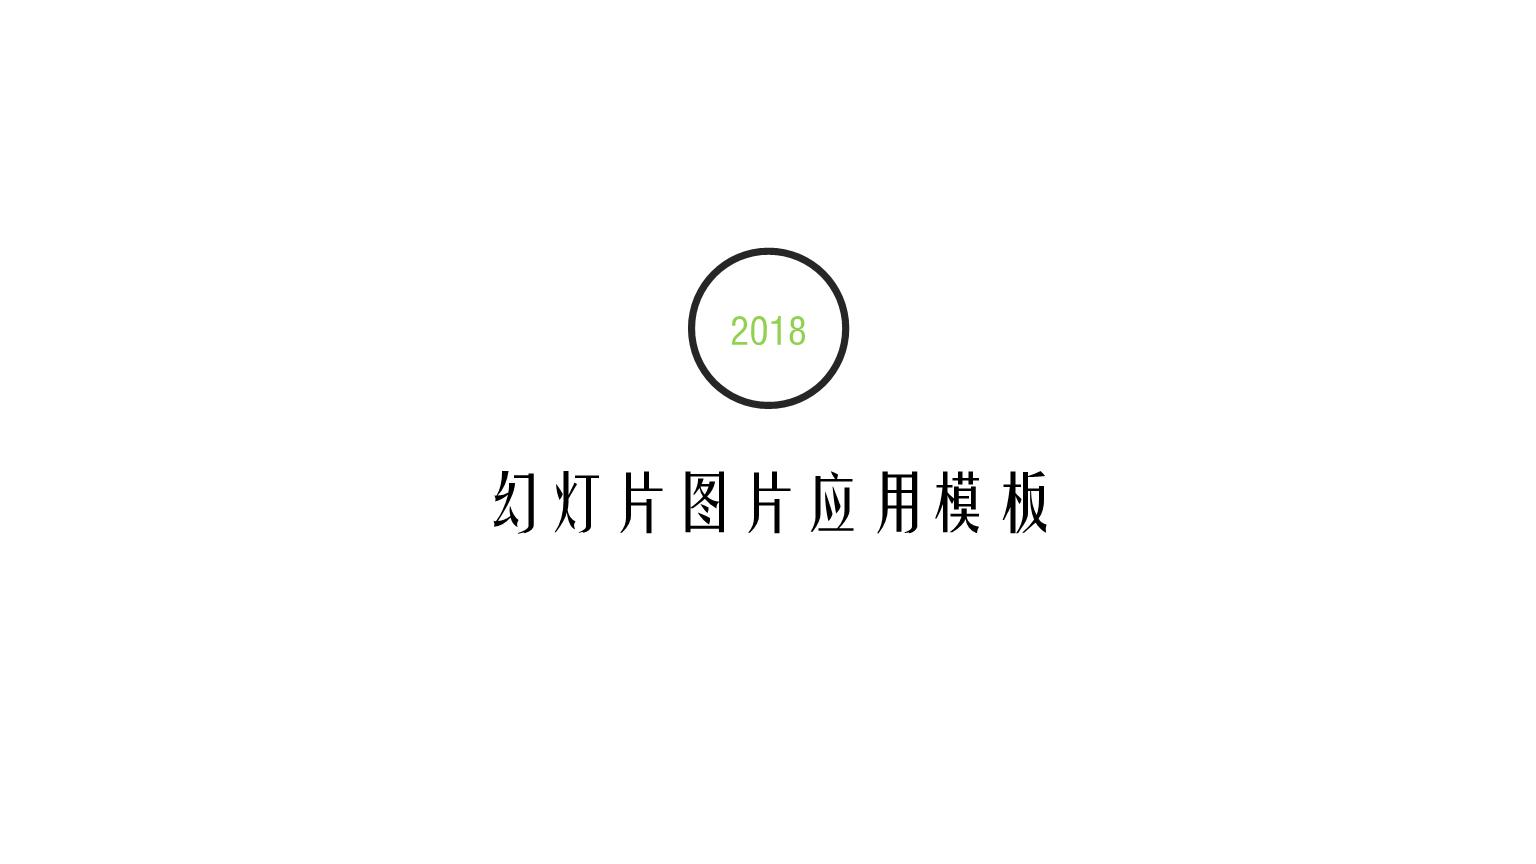 简约大气幻灯片图片应用相册模板.pptx